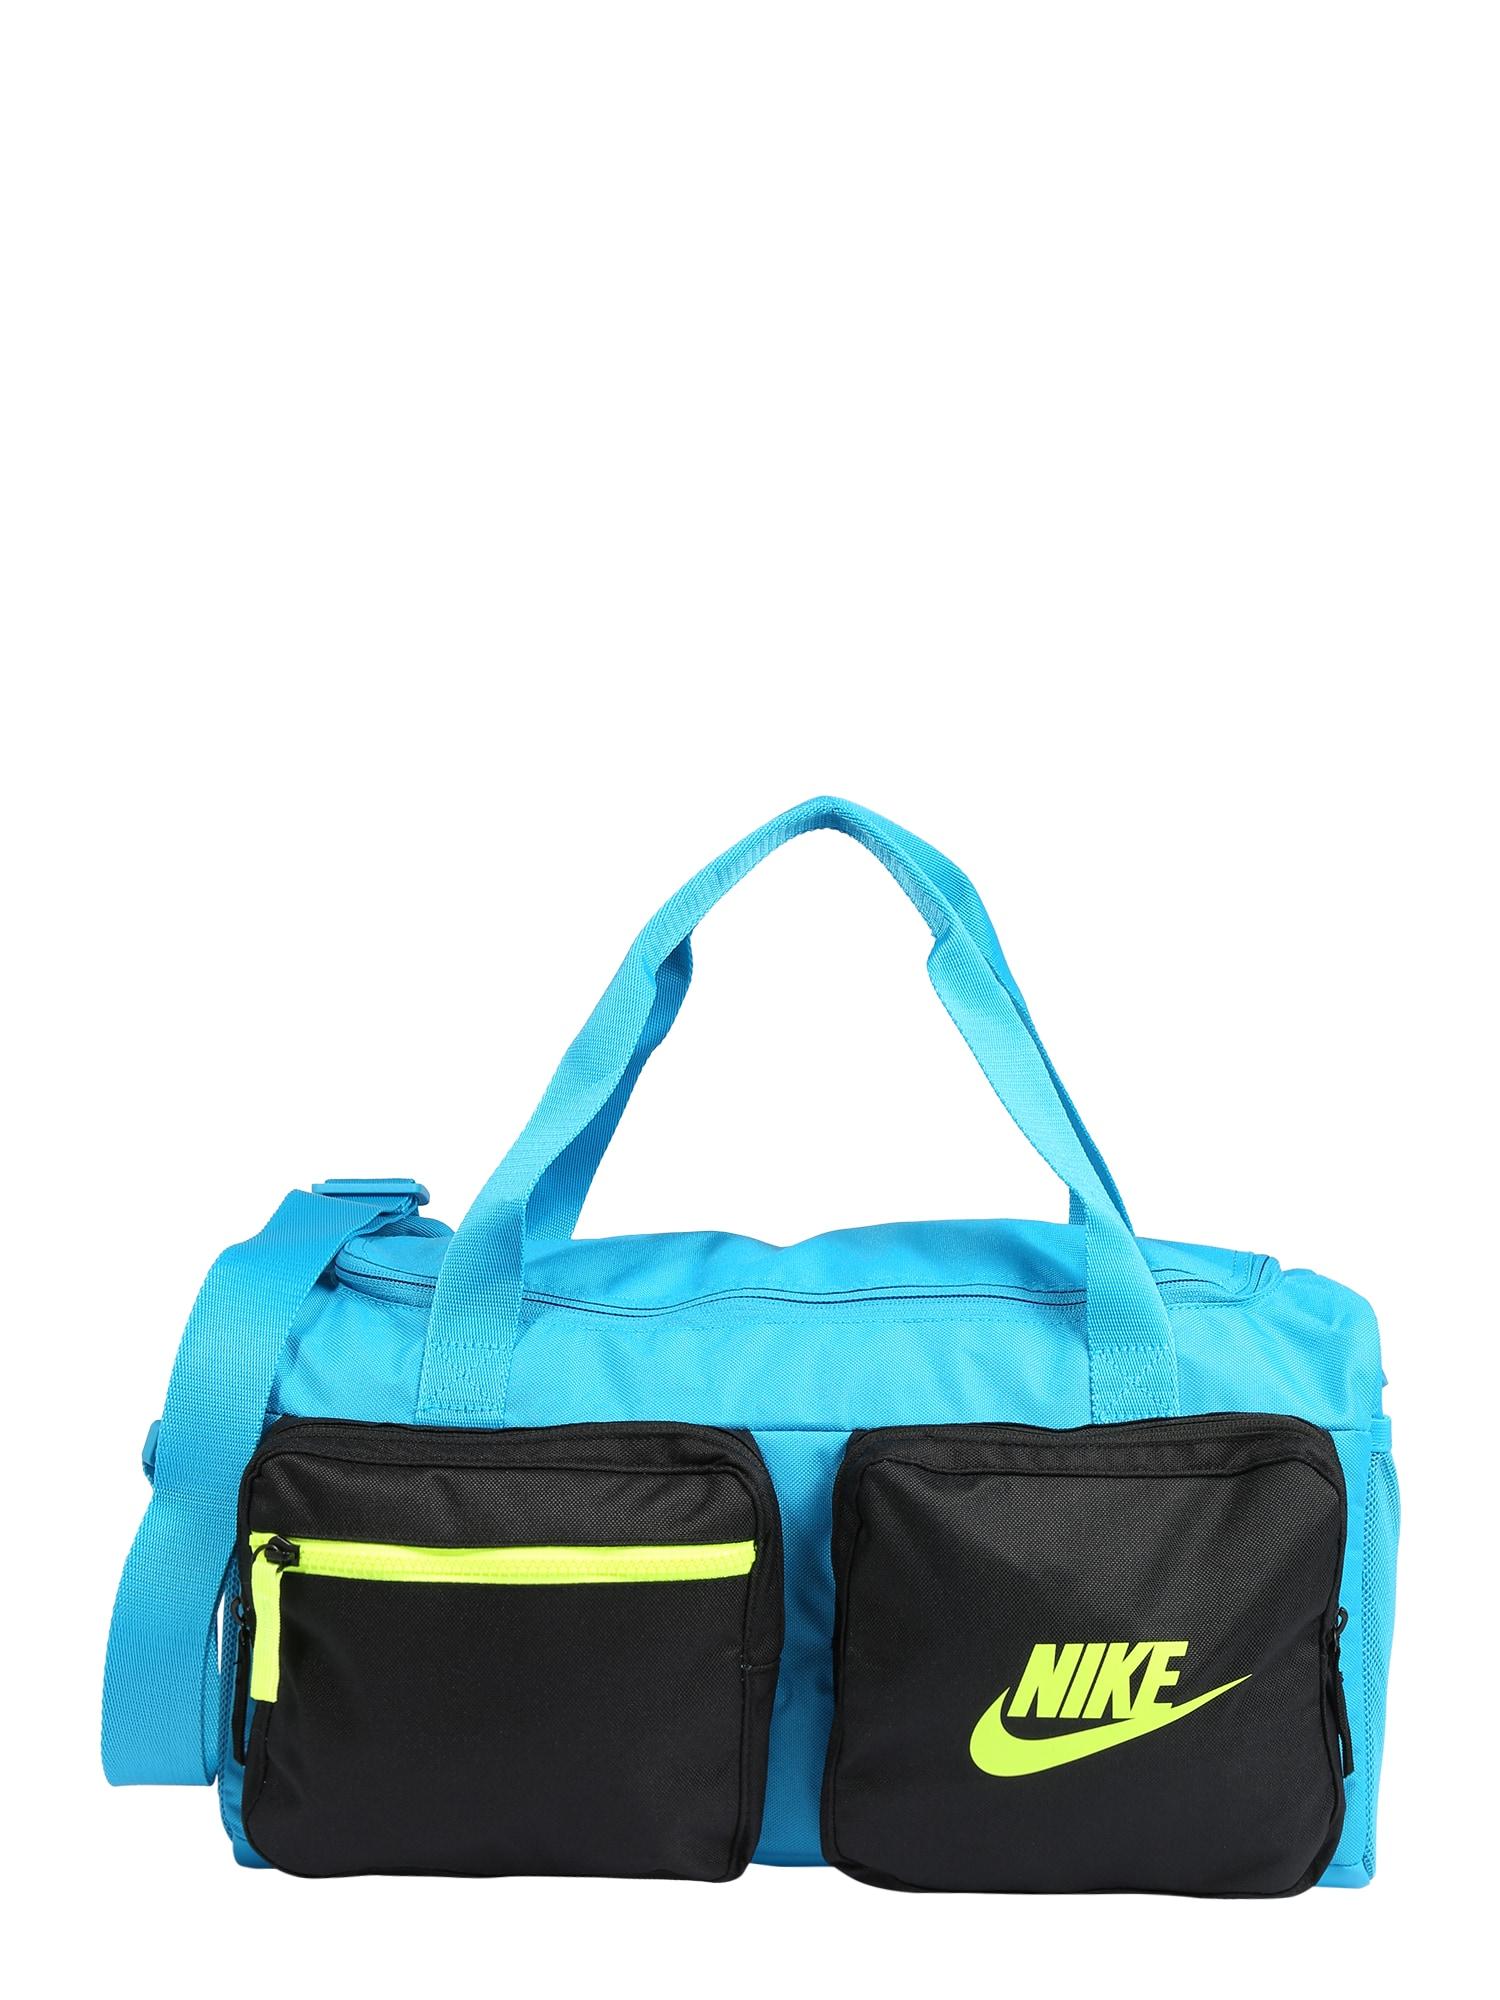 NIKE Sportinis krepšys 'Future' neoninė žalia / juoda / turkio spalva